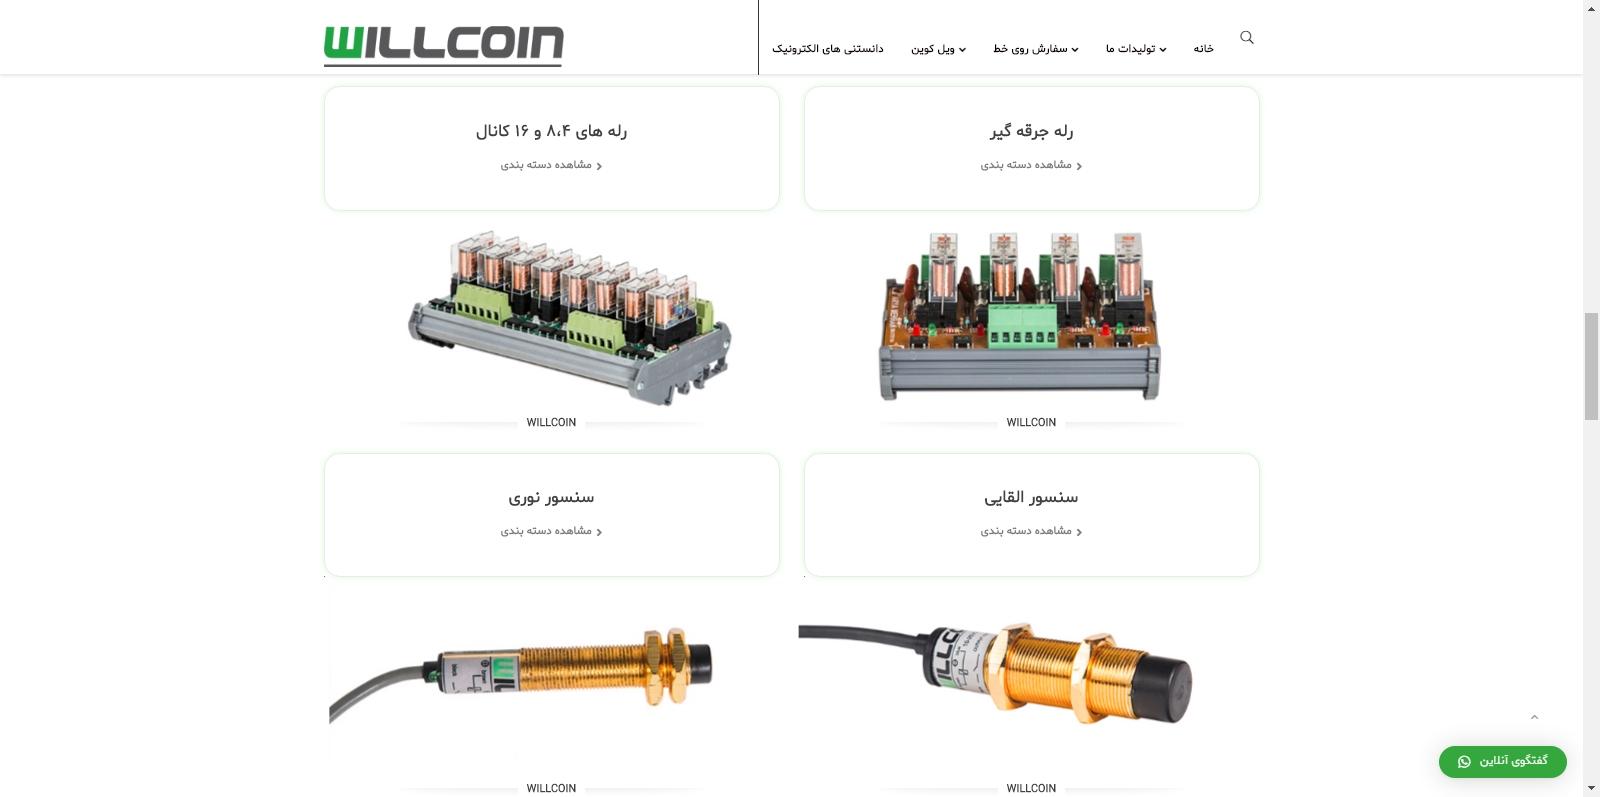 screenshot 20200526 000717 - willcoin.ir